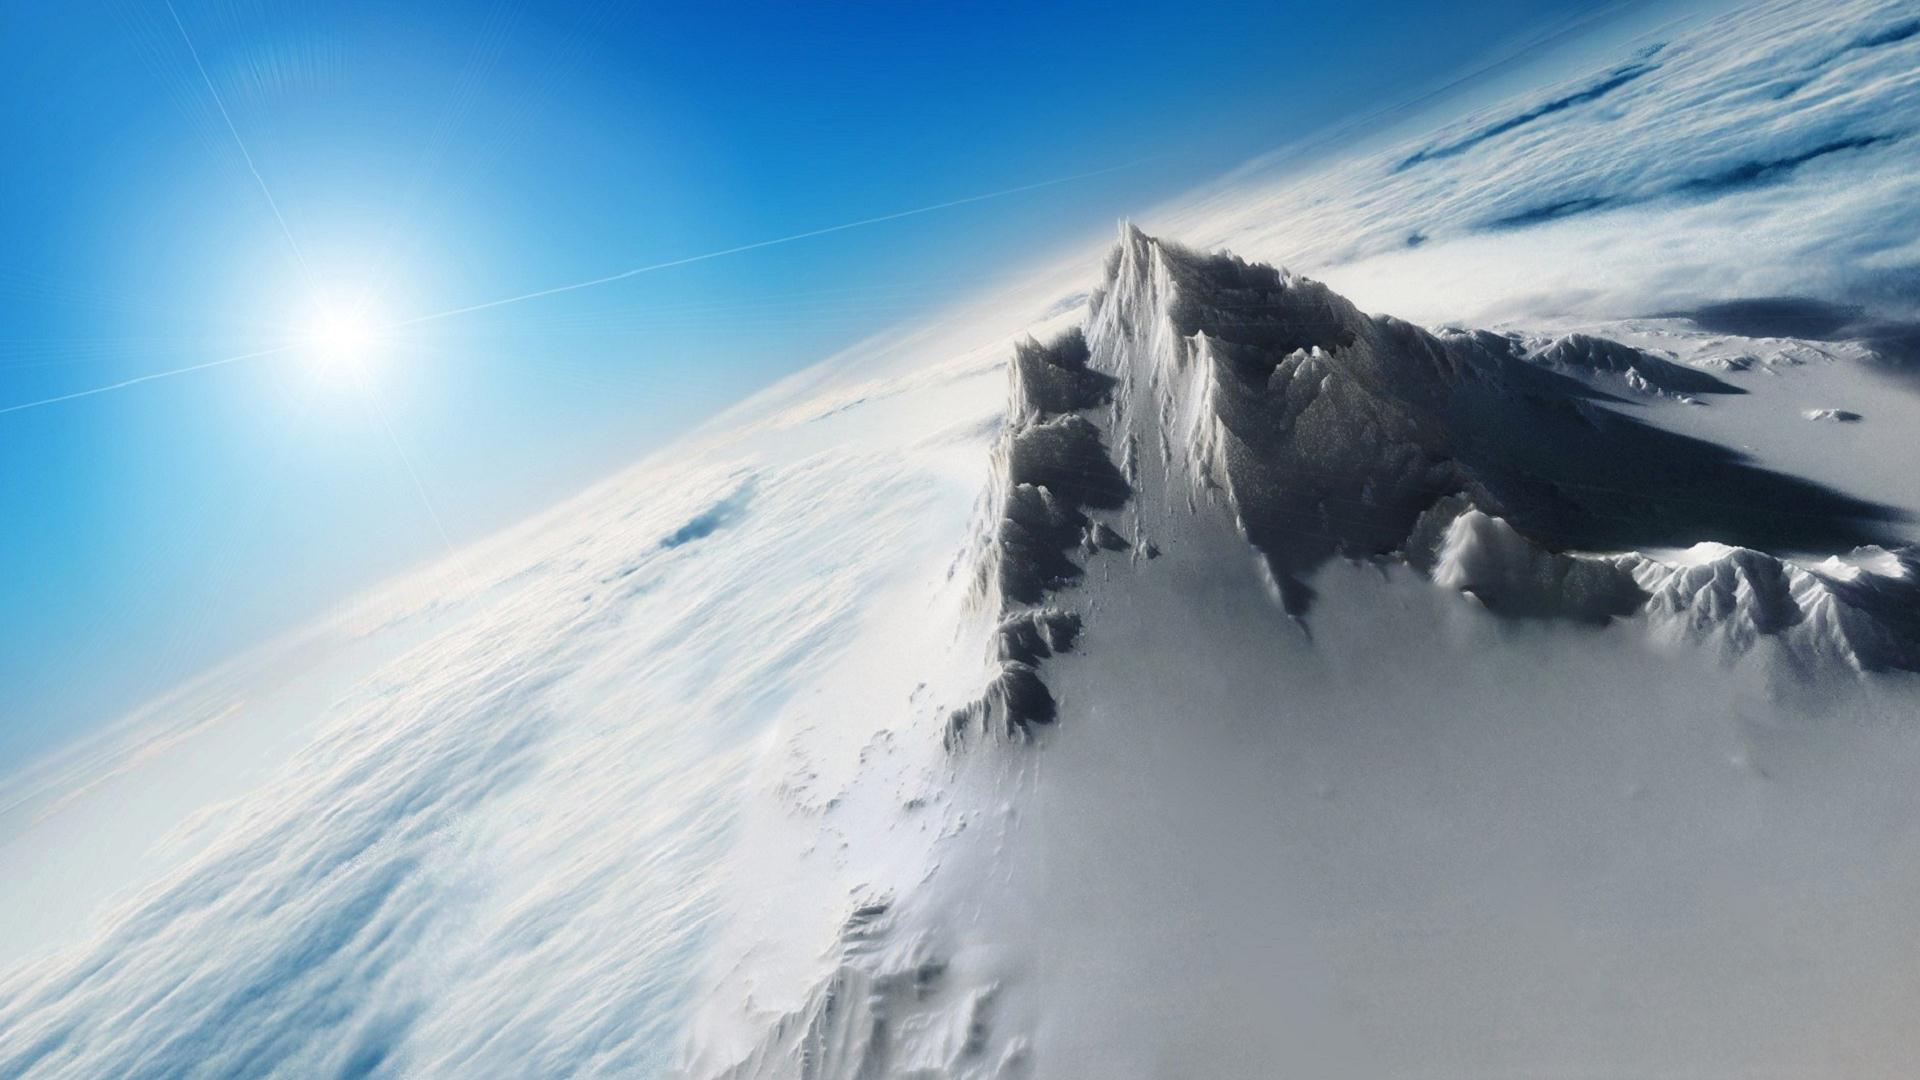 Nature Snow Peak